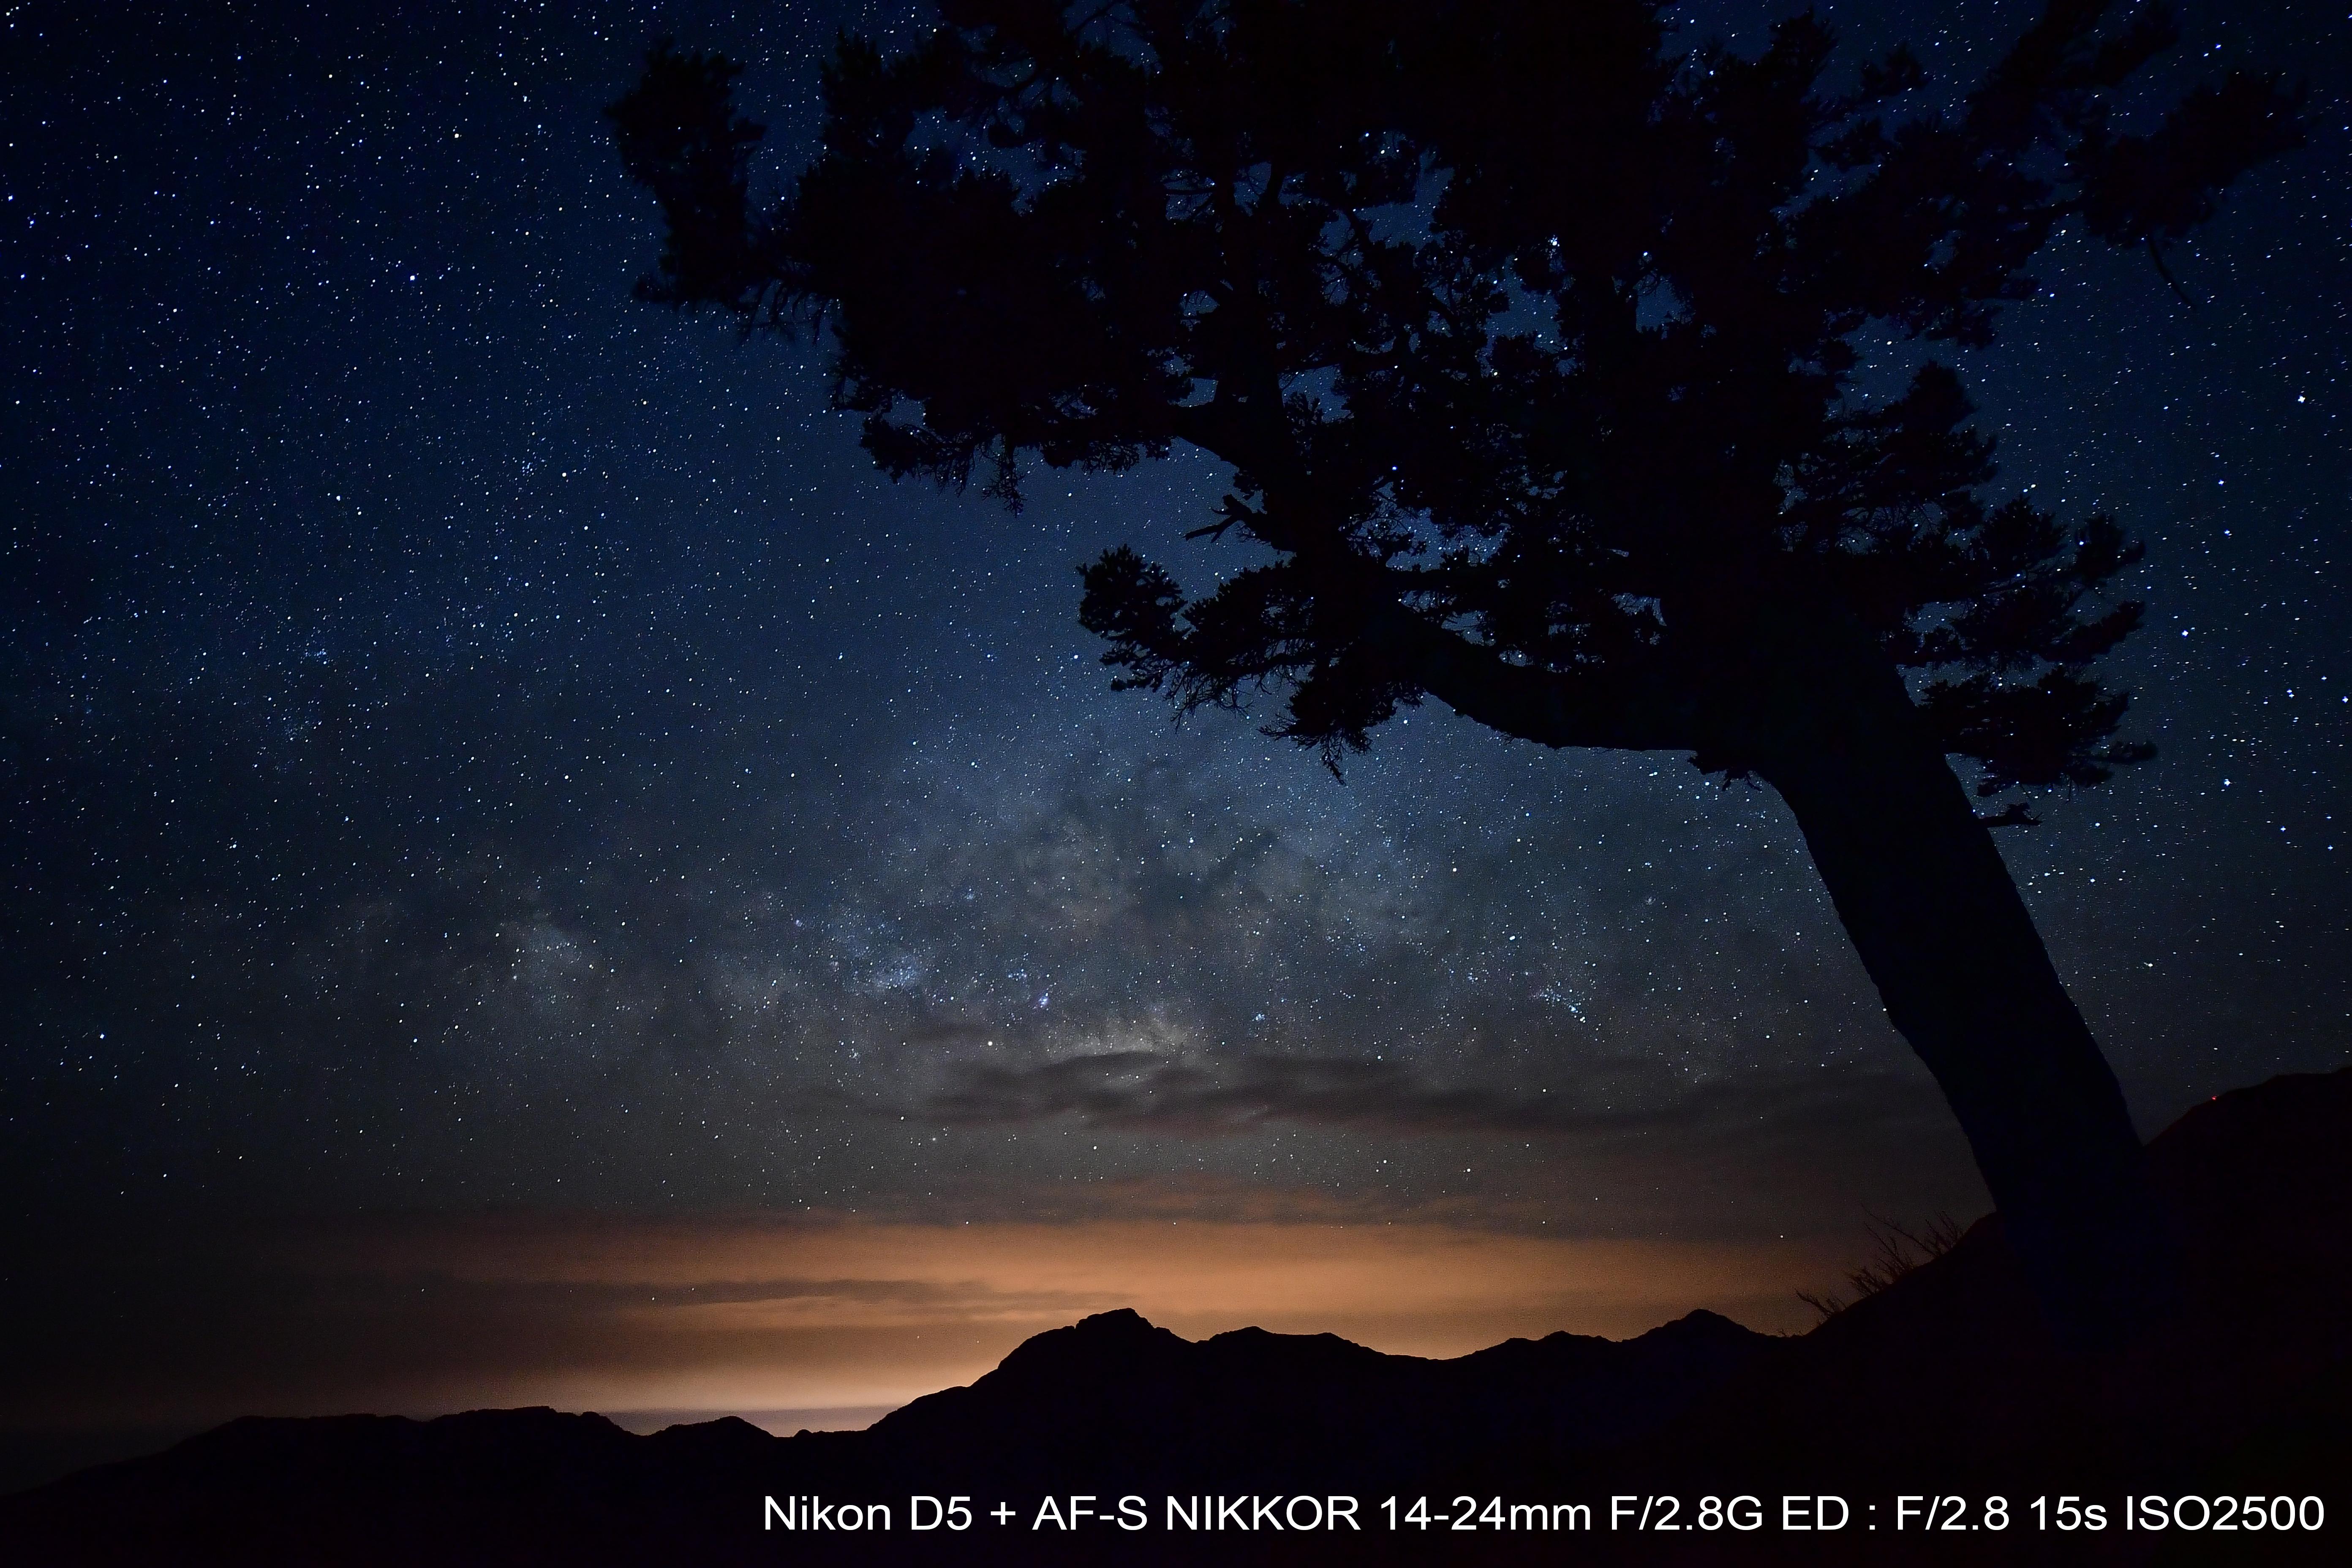 銀河拍攝技巧 ;Nikon Nikon Teaching